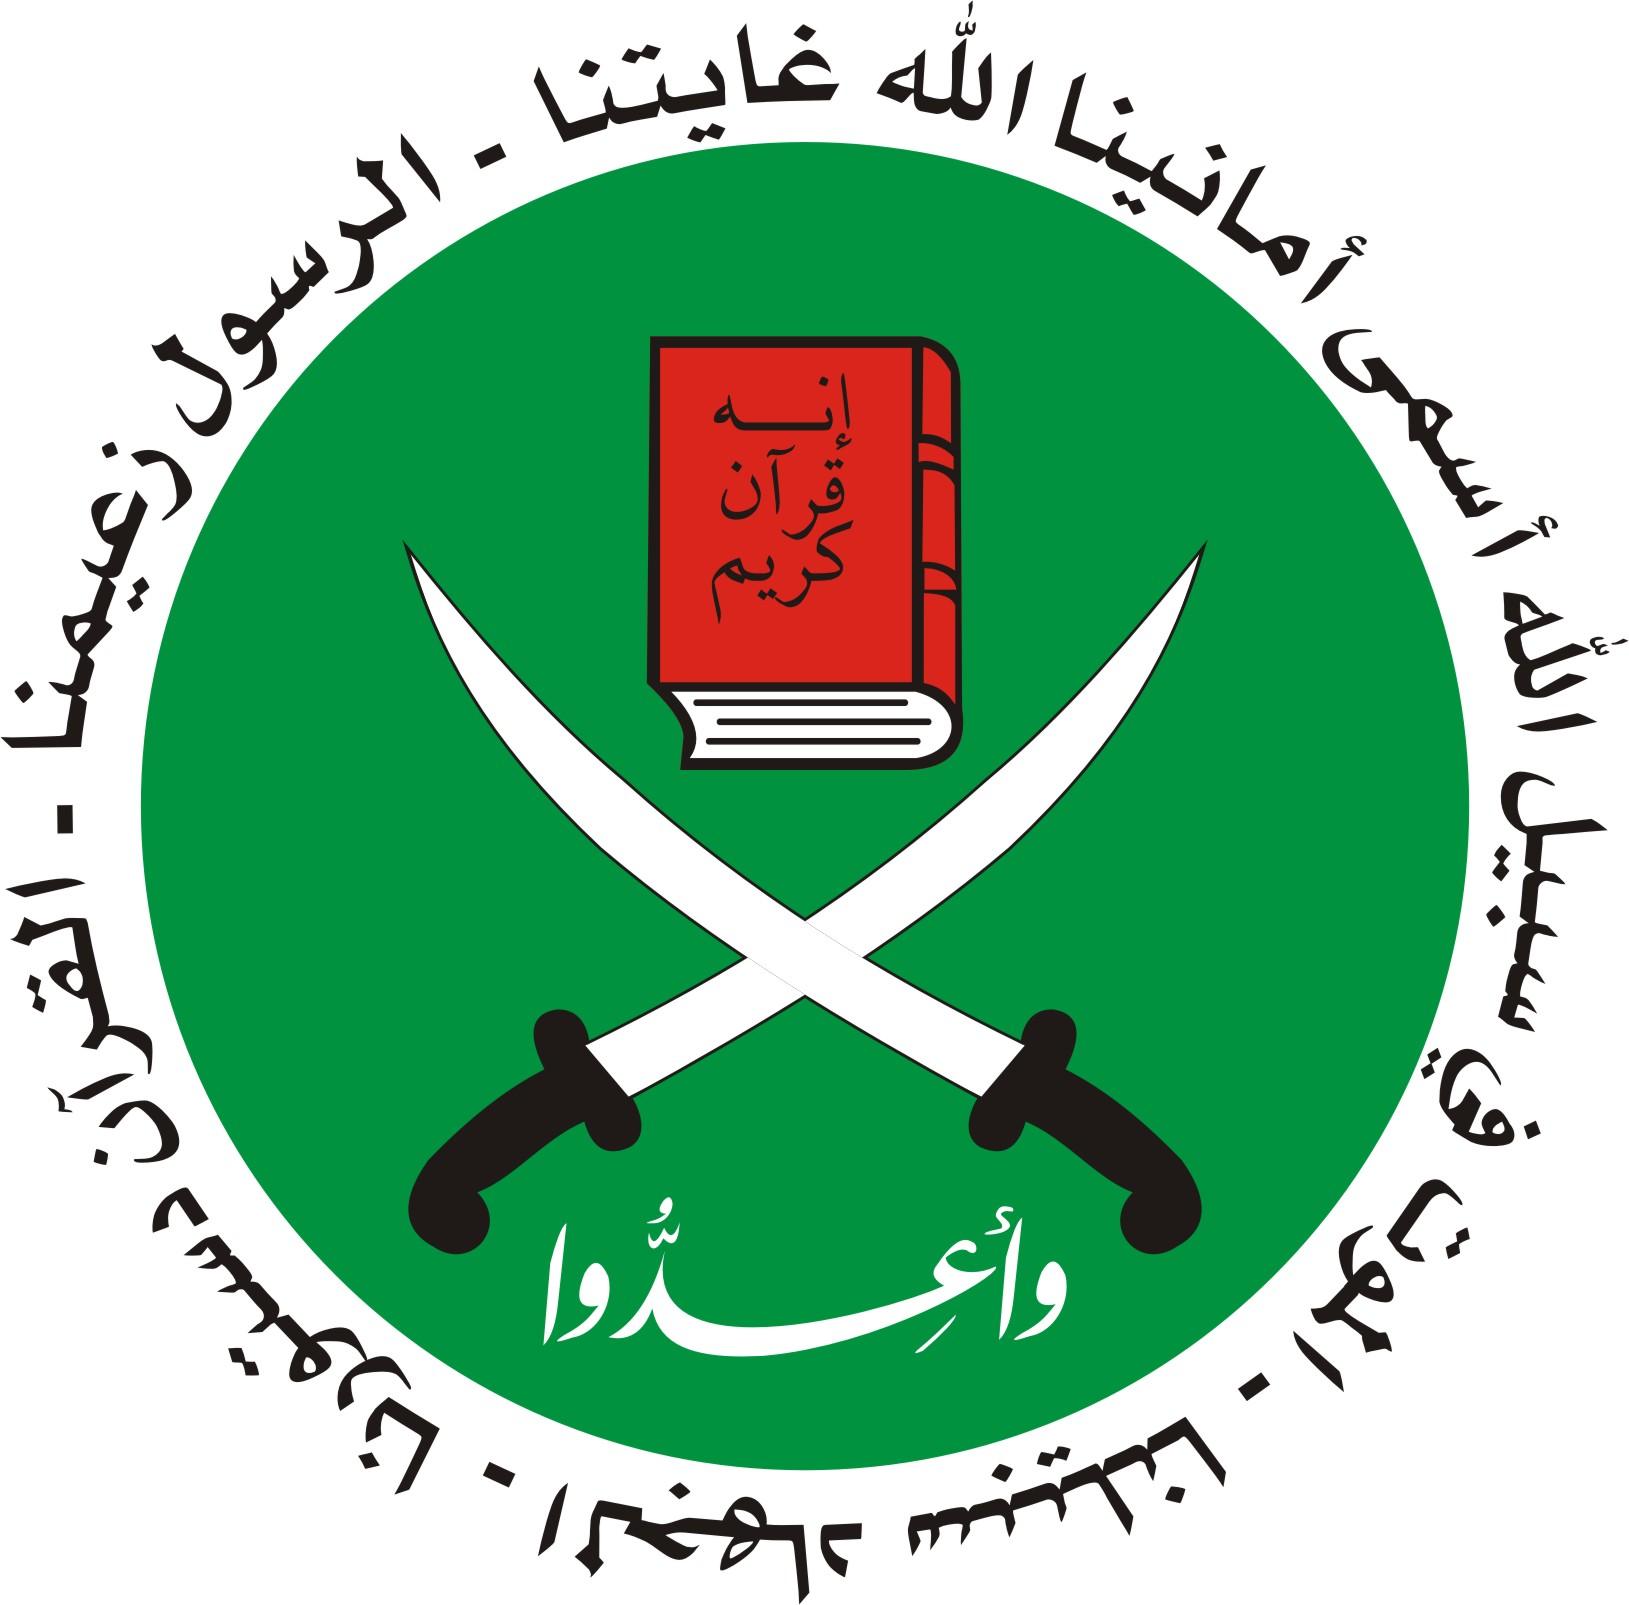 תולדות תנועת האחים המוסלמים  - חזון דתי במציאות משתנה